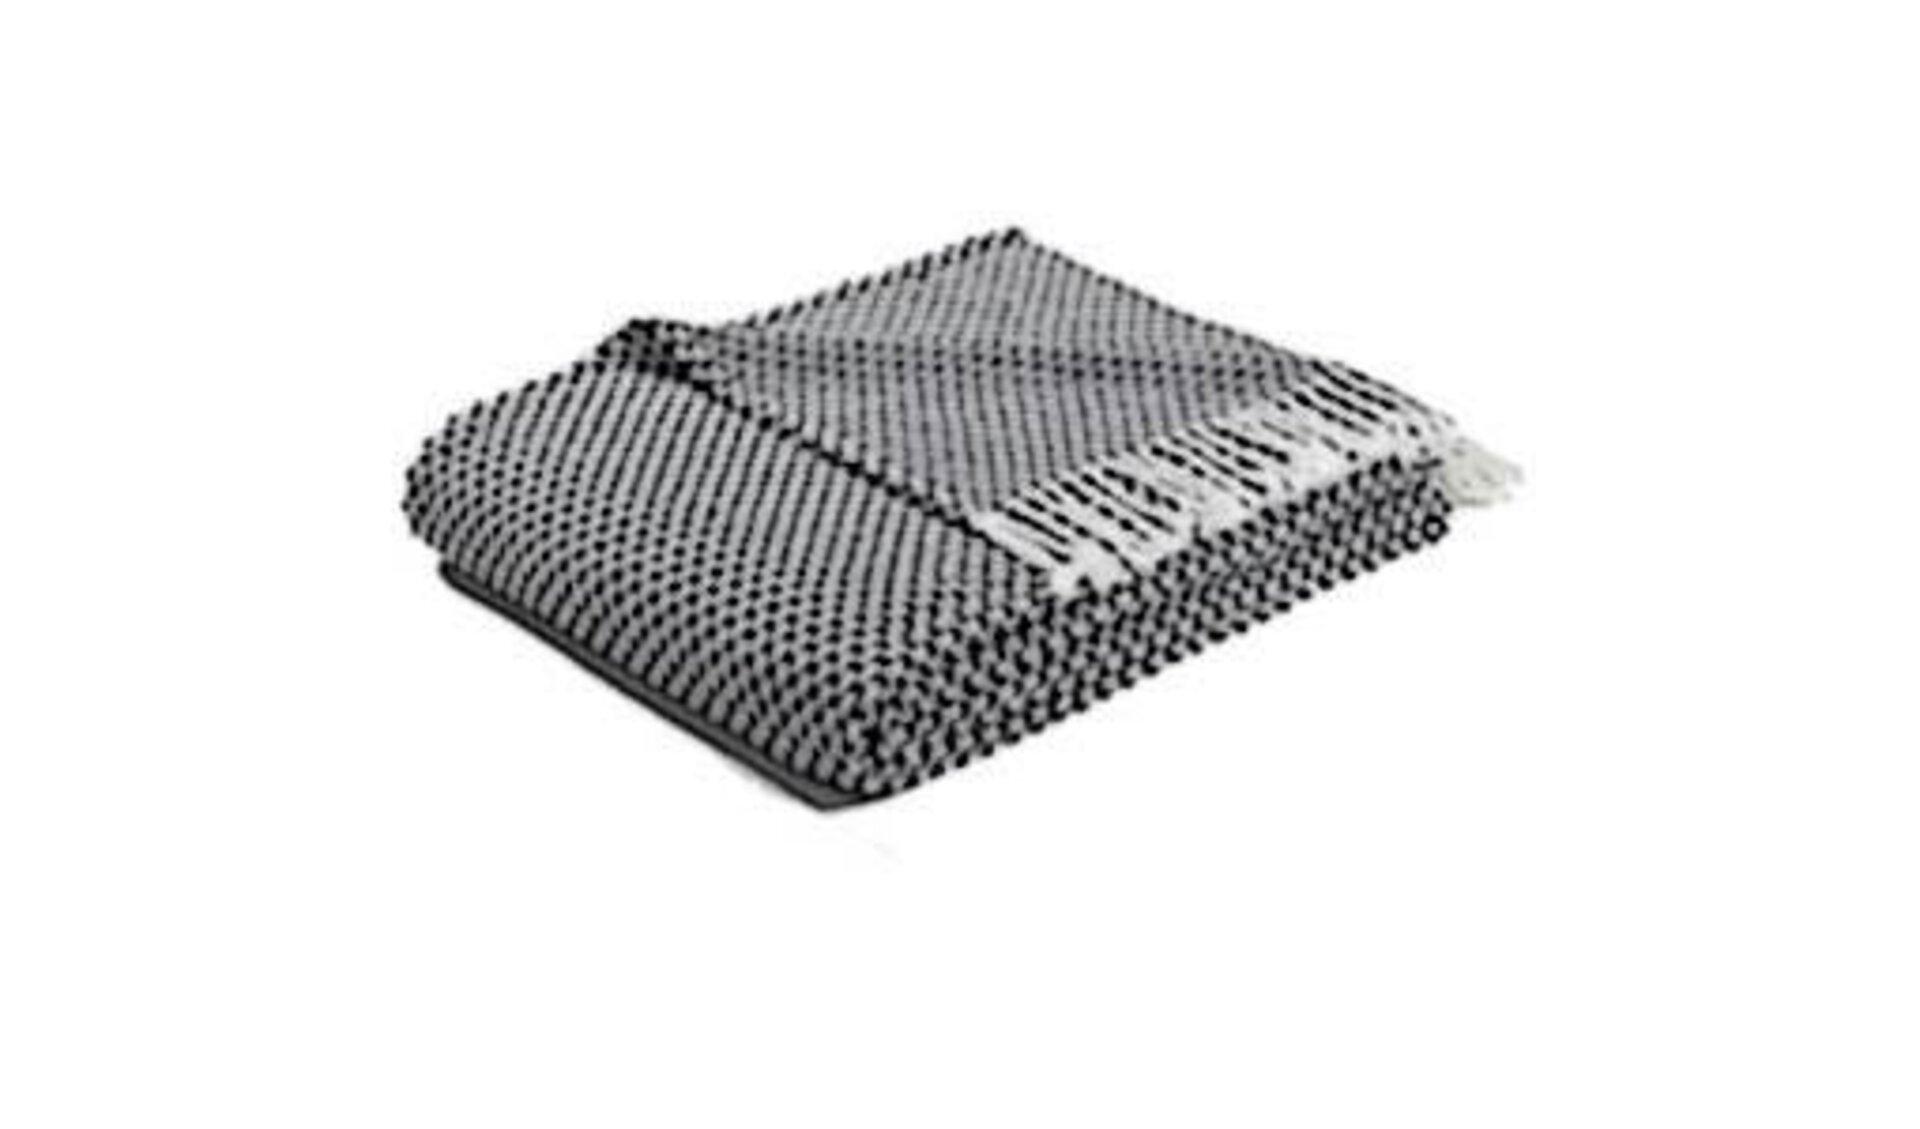 Kuscheldecke in schwarz-hellgrau mit Fransen. Die gestrickte Kuscheldecke steht als Synonym für alle Decken innerhalb der Kategorie.